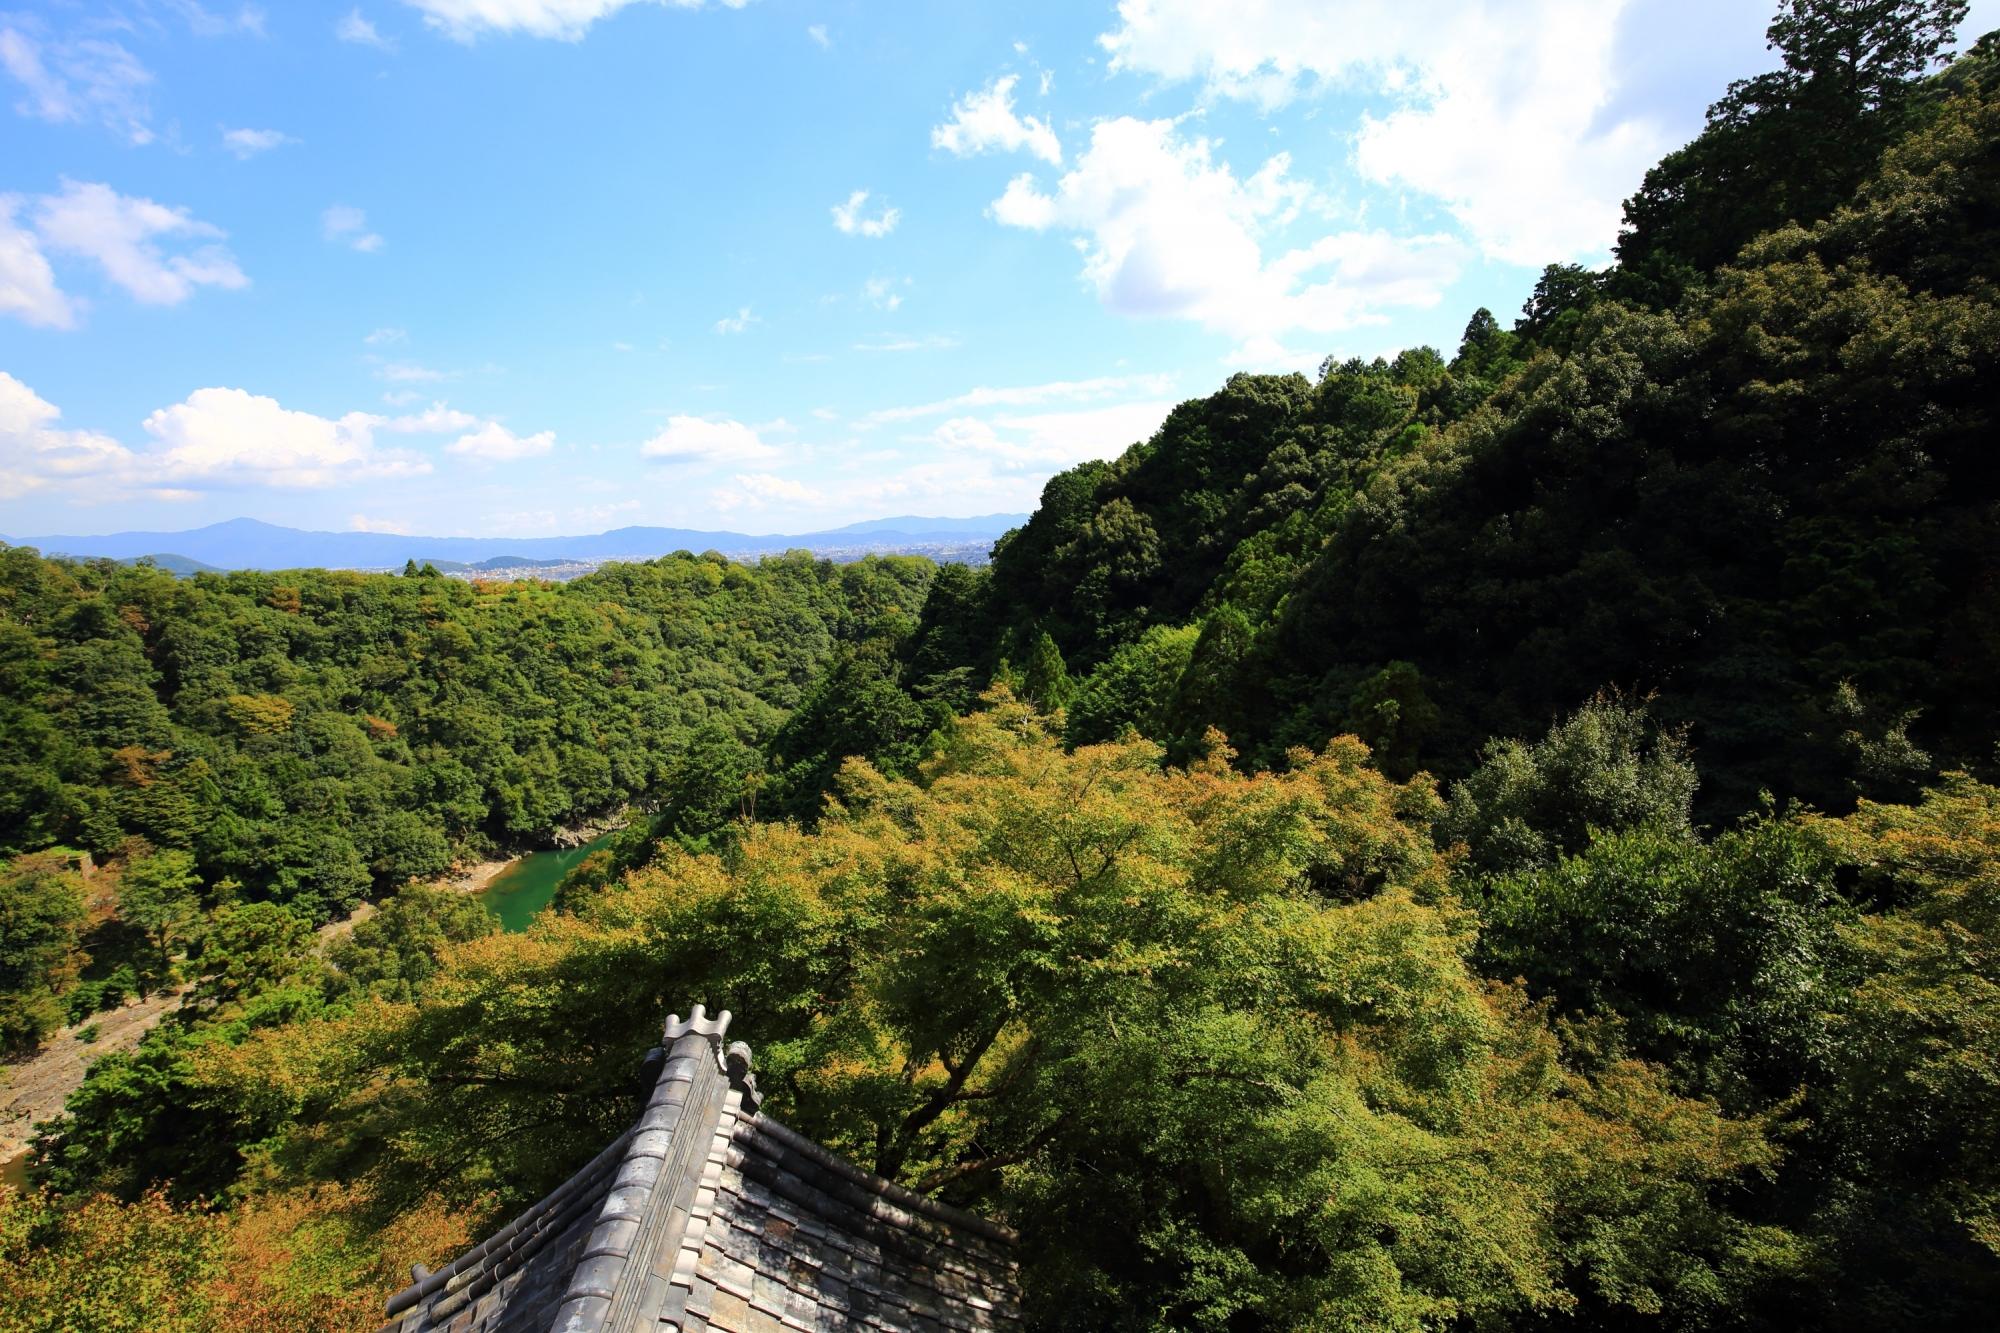 嵐山大悲閣 千光寺から眺める絶景 2015年10月6日